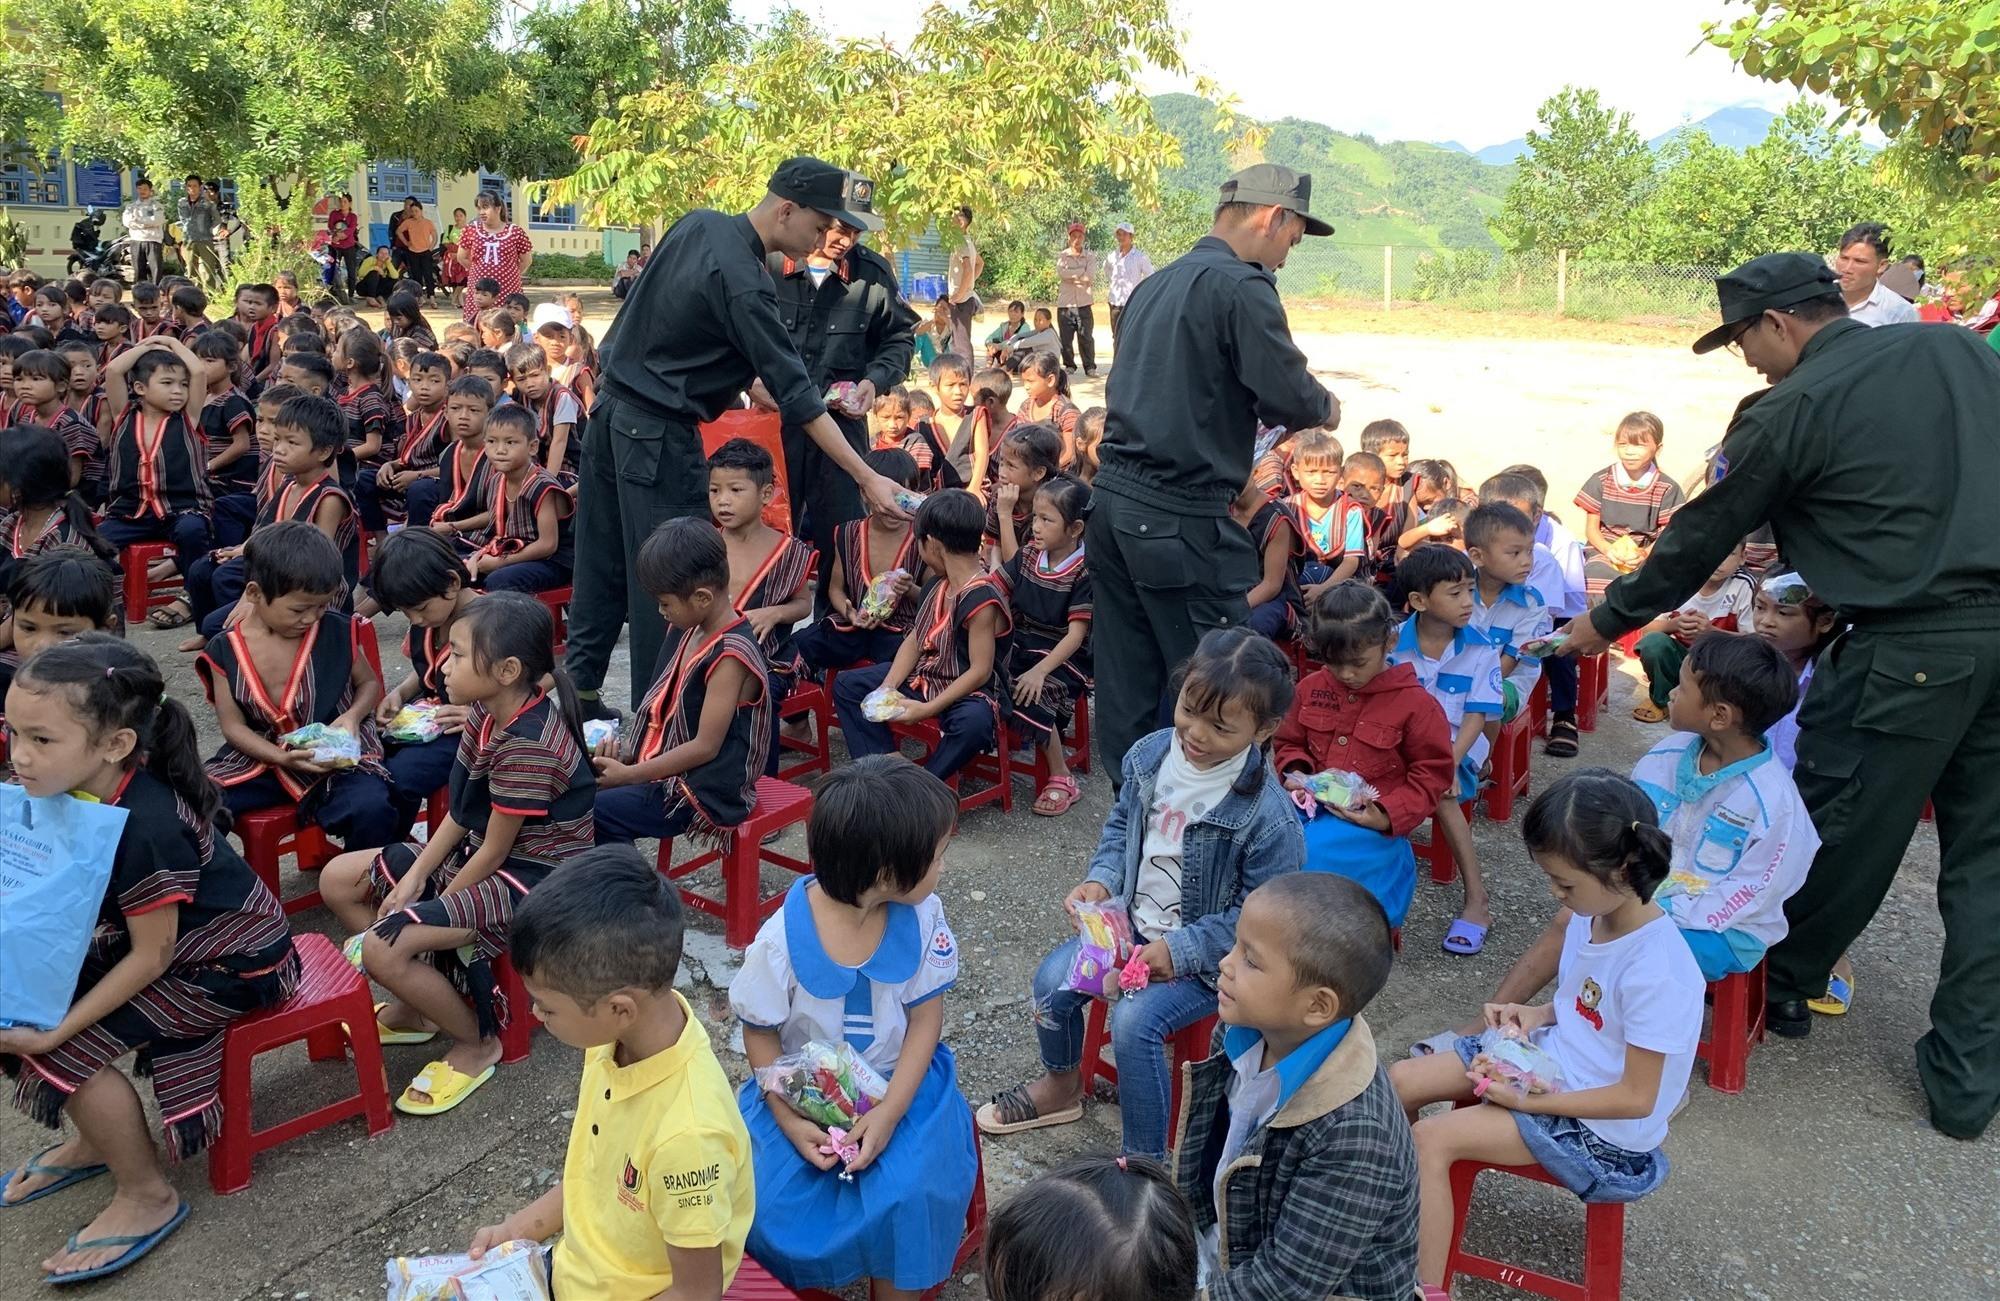 Cán bộ, chiến sĩ của đơn vị giao lưu, tặng quà cho các em nhỏ Trường Tiểu học Nông Văn Dền. Ảnh: Đ.V